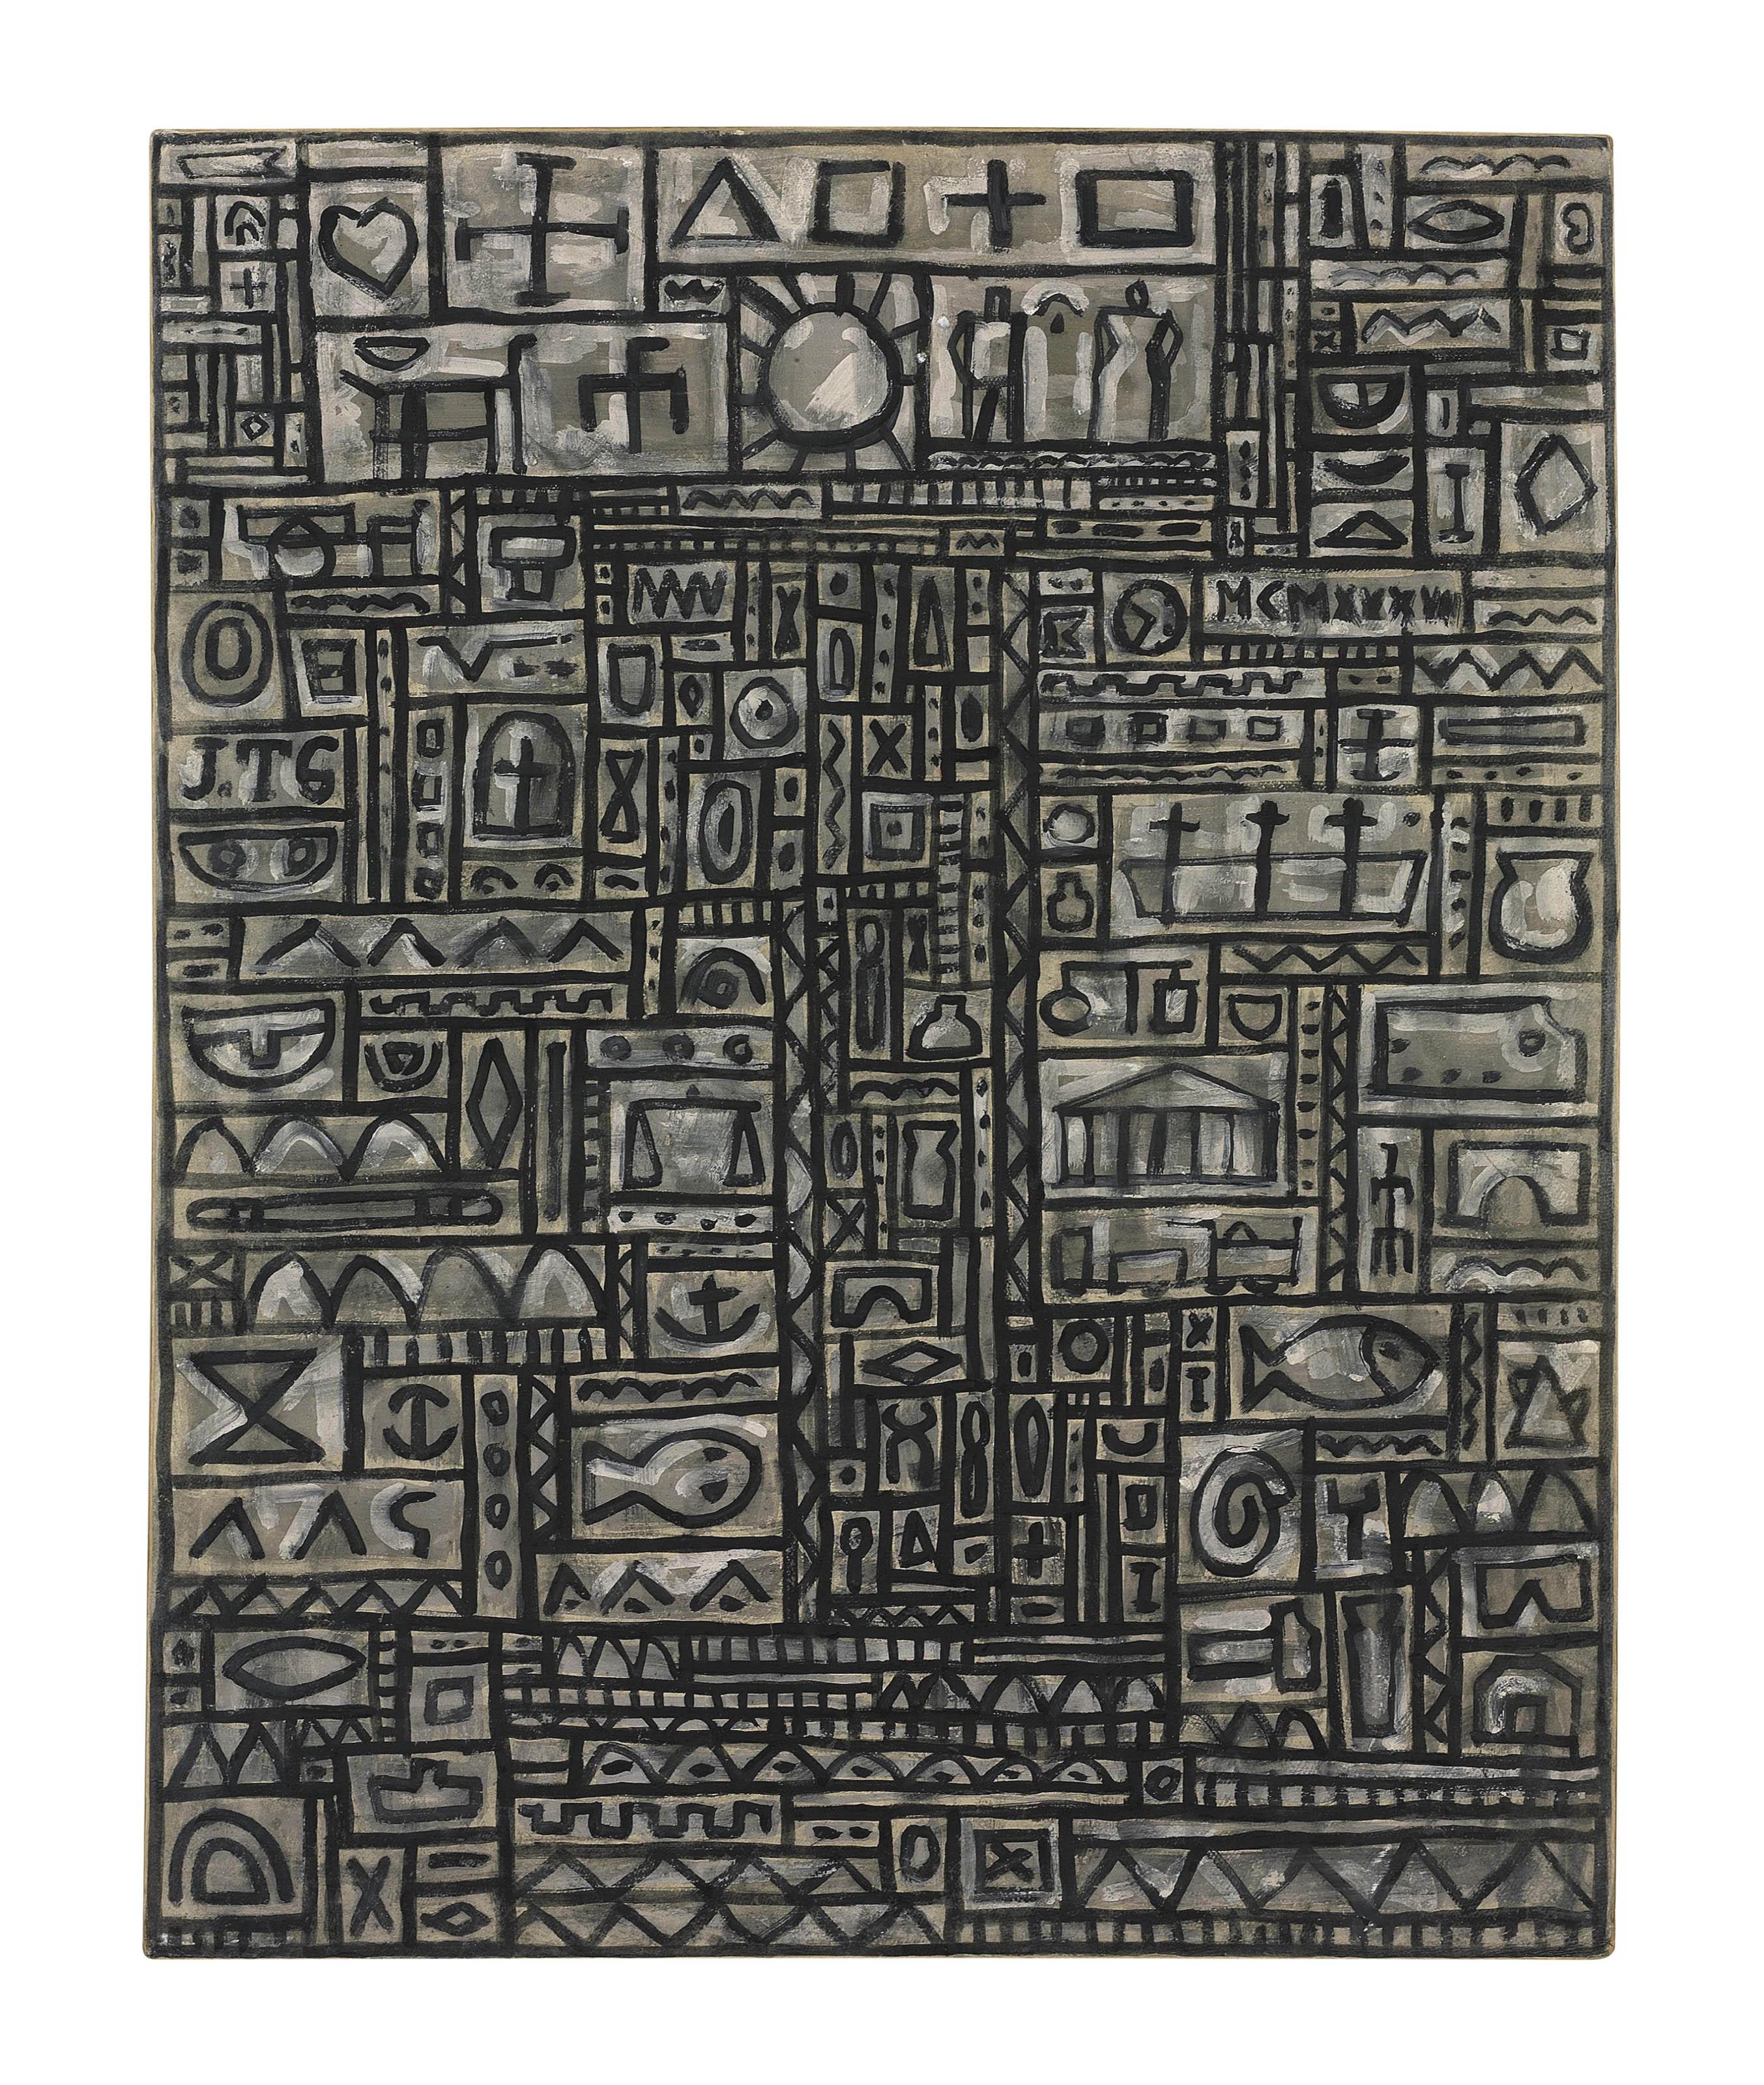 Grafismo universal sobre fondo gris